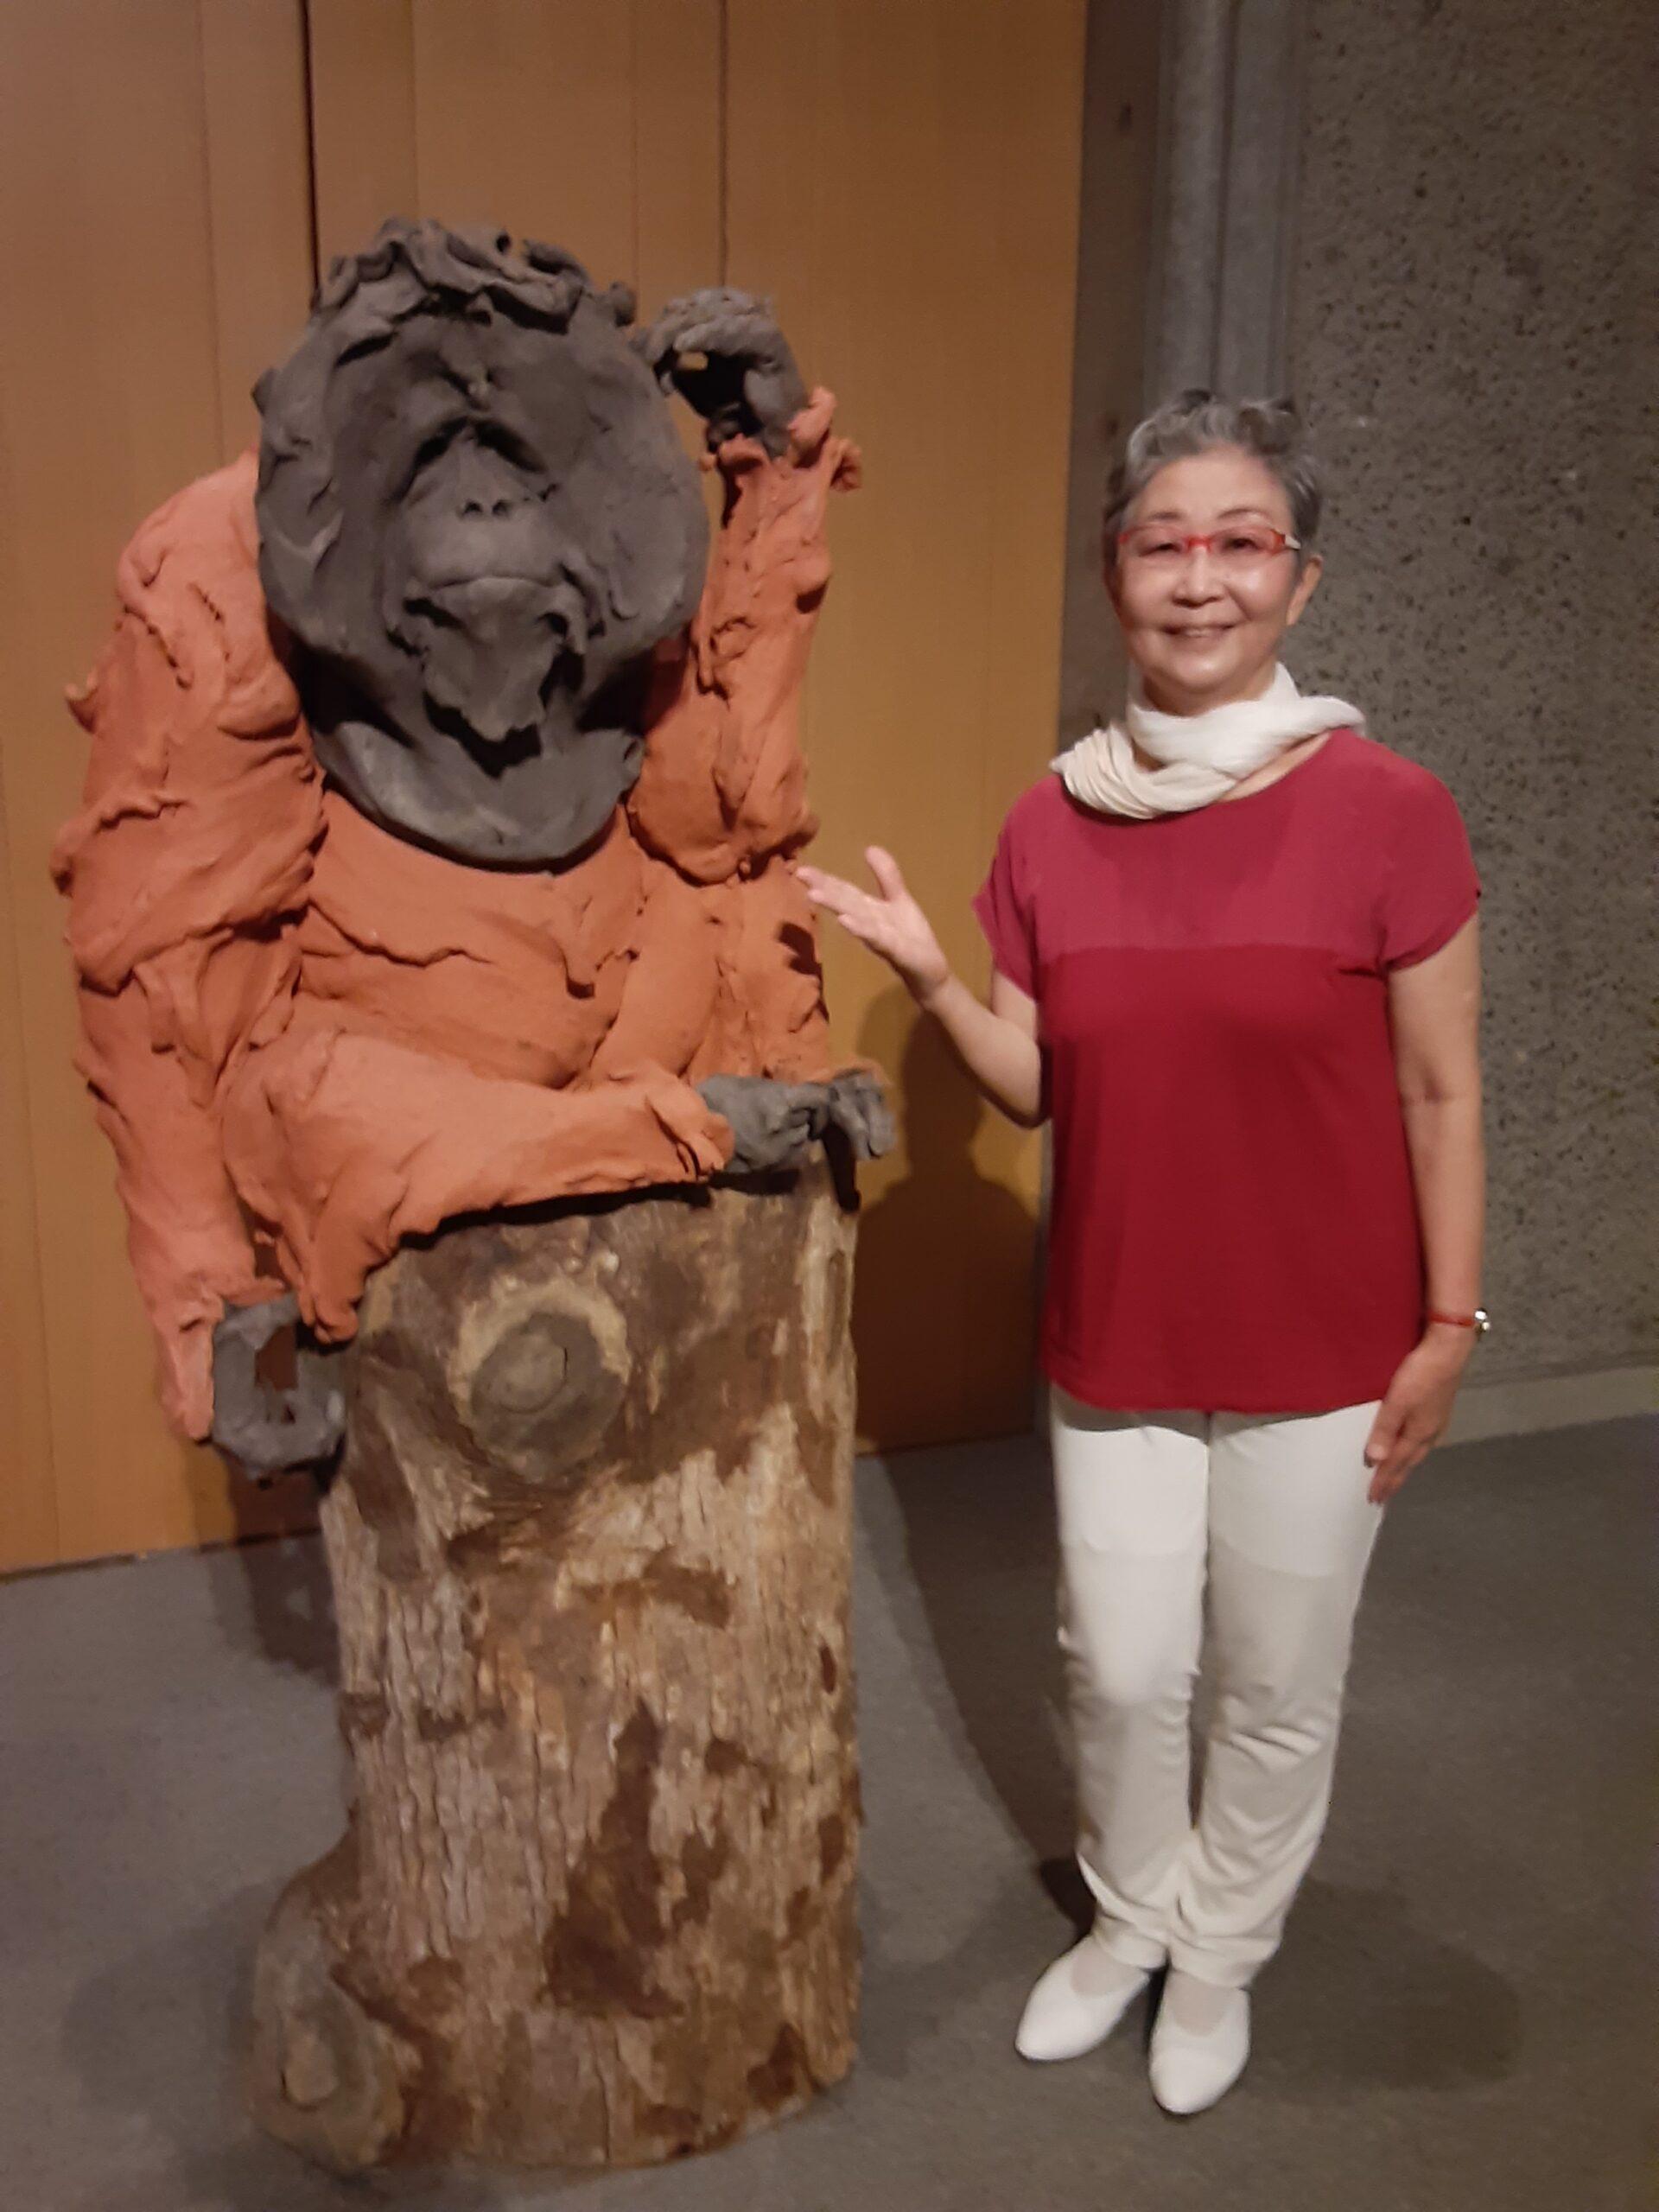 滋賀県立陶芸の森陶芸館にいき物言わぬ動物達とお友達になりました🐼🐵🐒🐴🐾